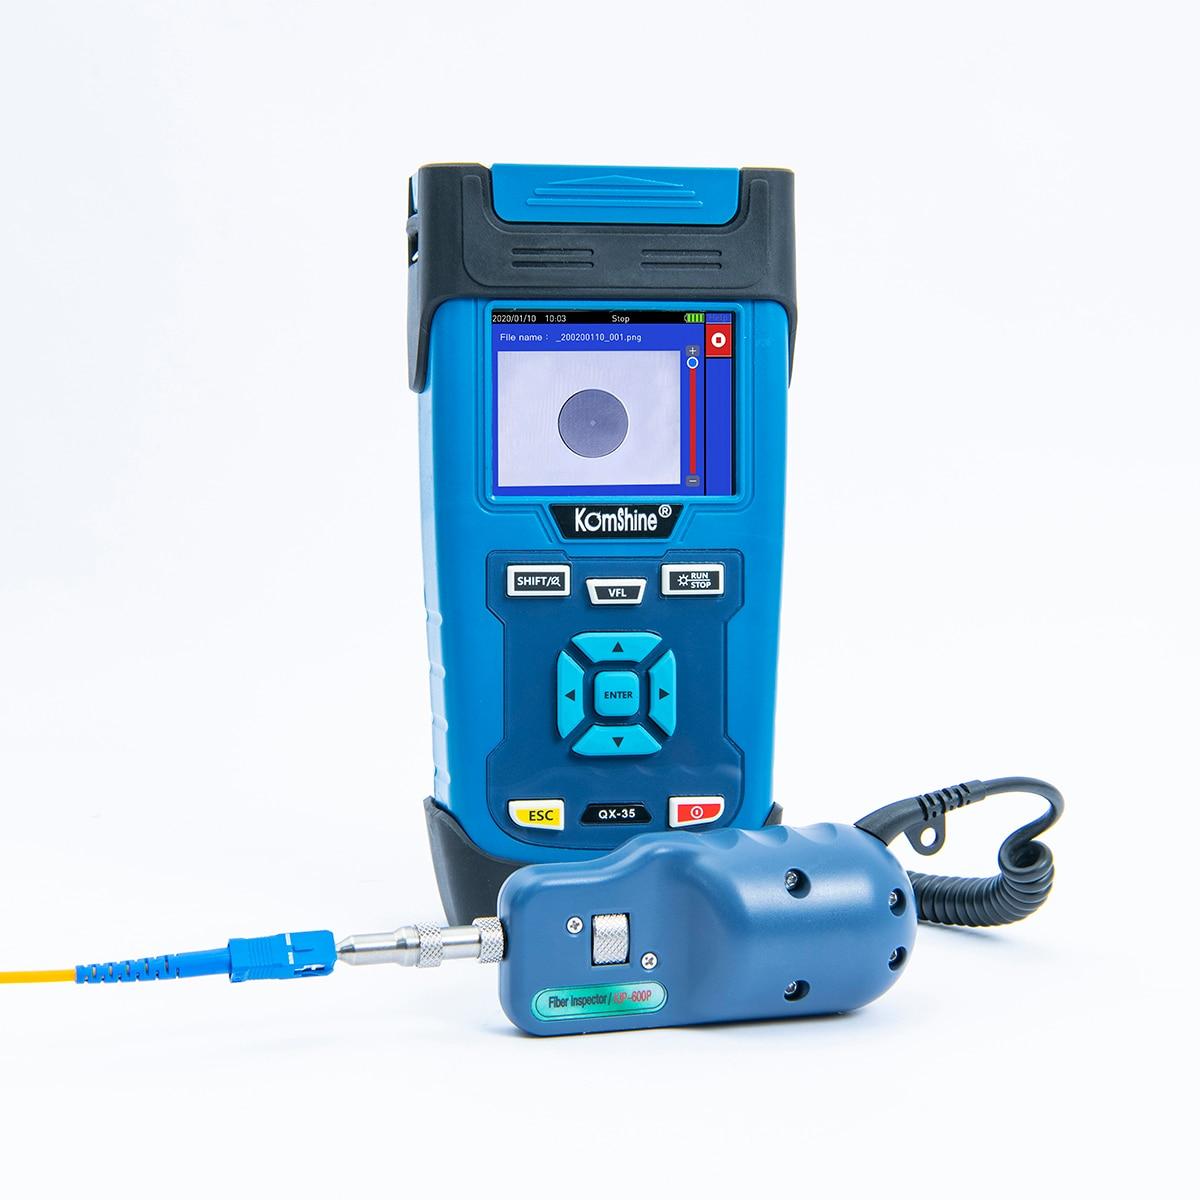 FTTx Maintance SM волоконно оптический OTDR Komshine QX45 1310/1550nm 32/30 дБ Встроенный 10 мВт VFL, контрольный зонд является дополнительным